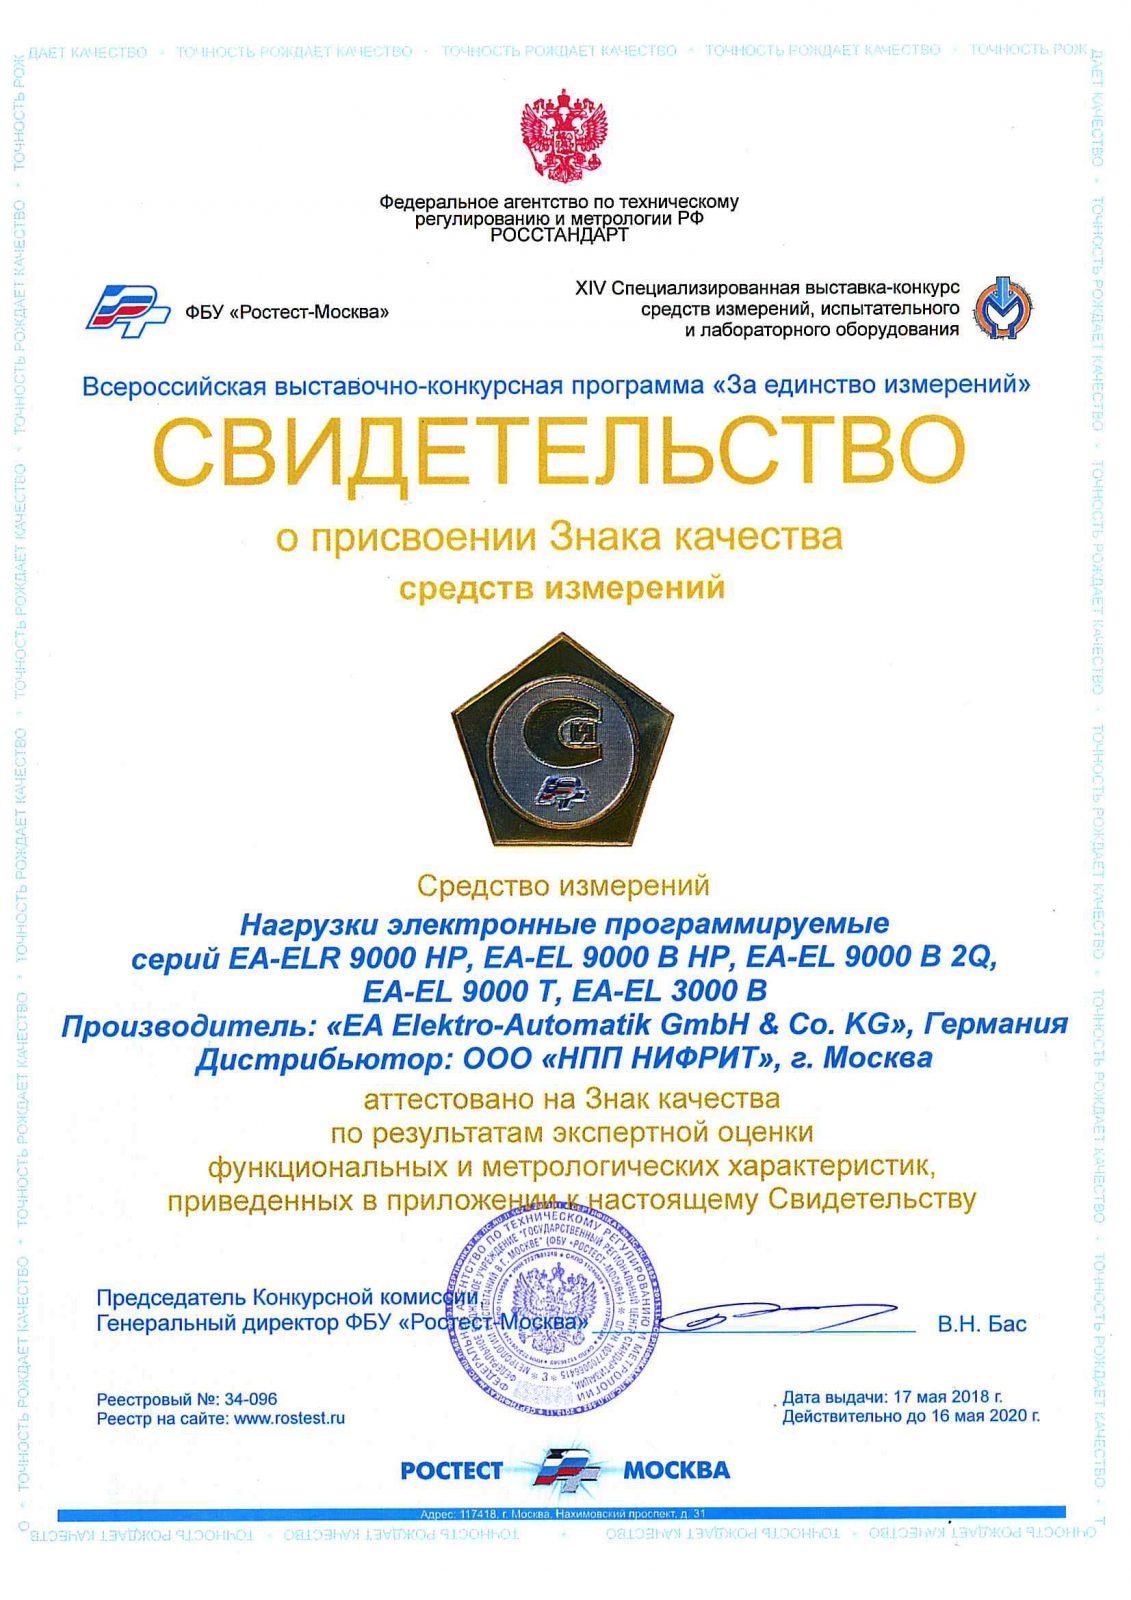 Знак качества №34-096